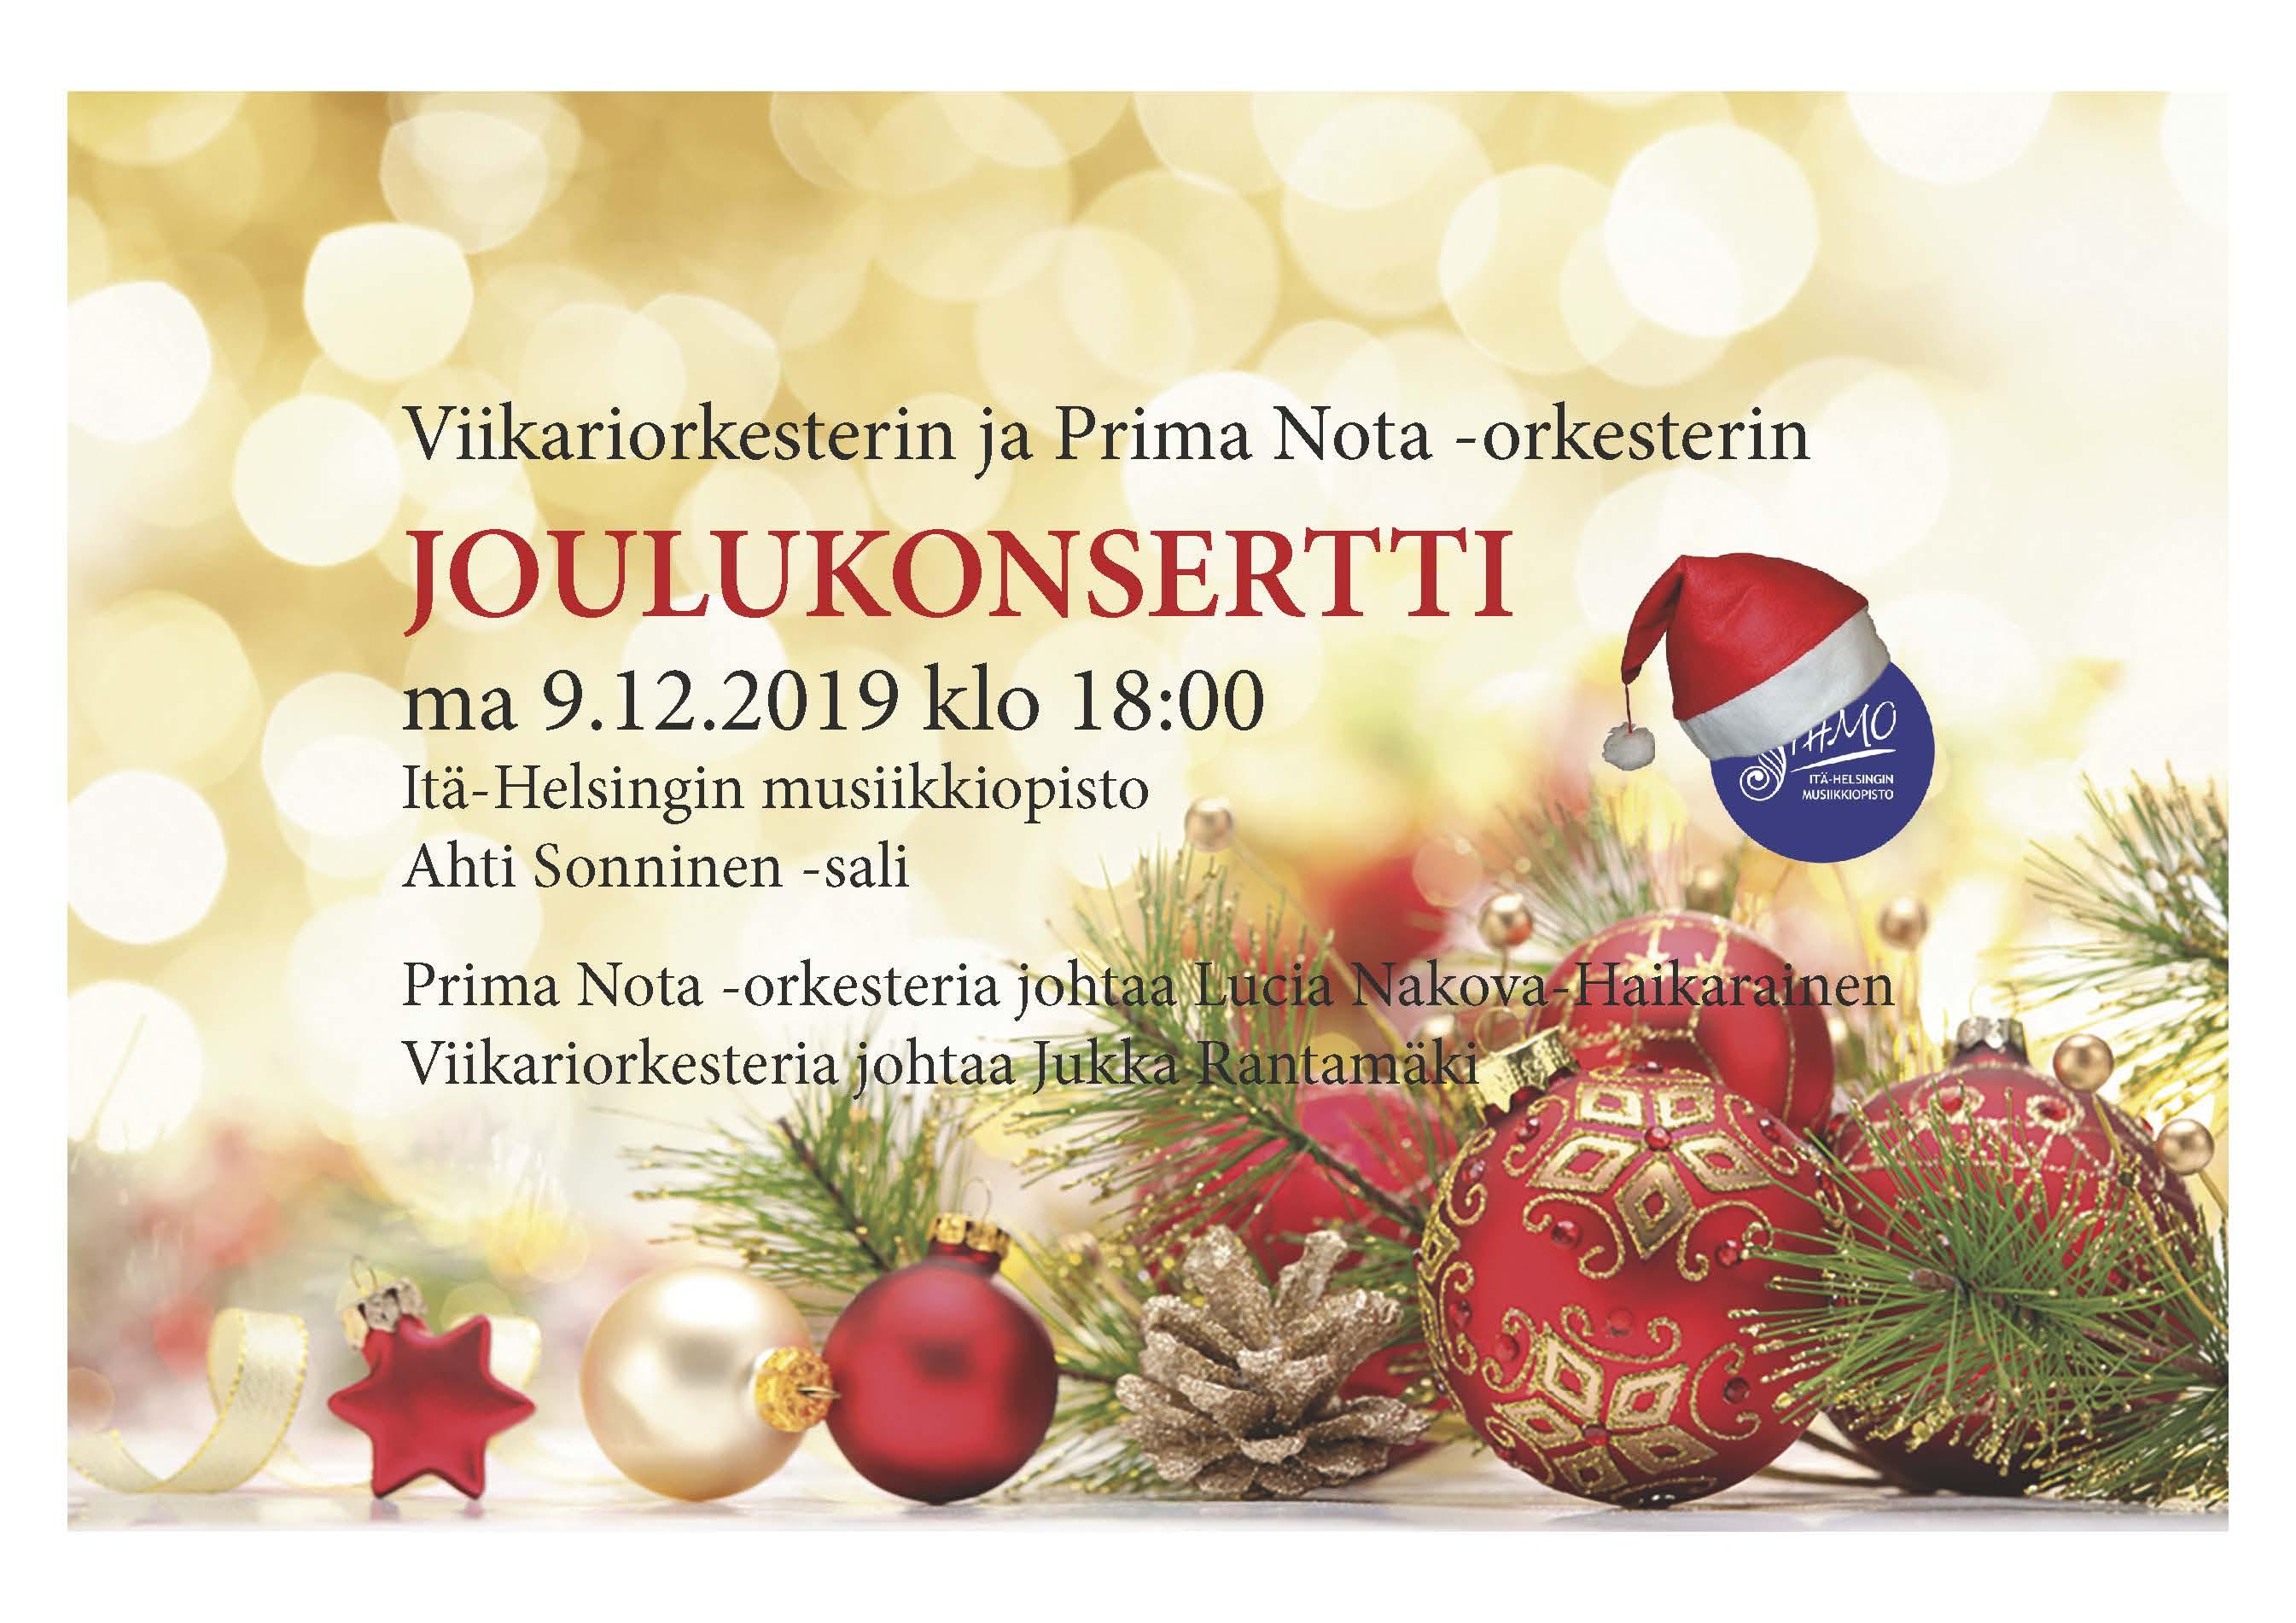 1237133137-PN_Viikarit_joulu2019a.jpg